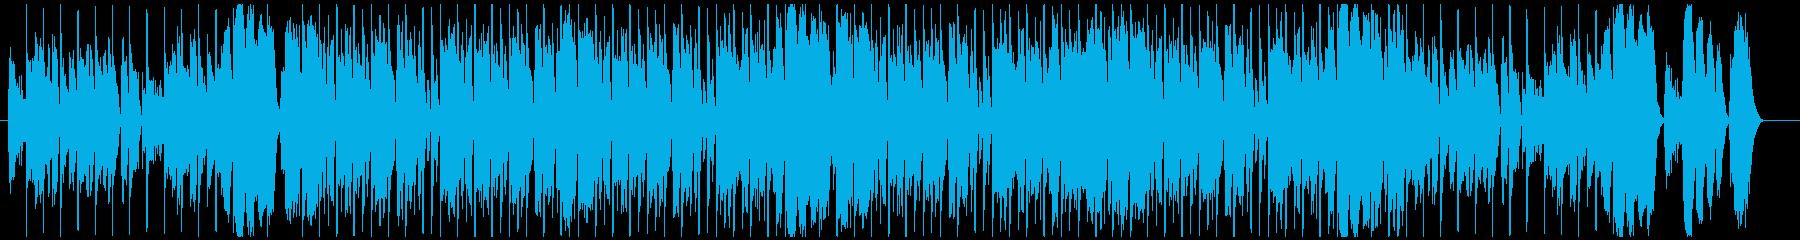 ラテンビート、エッジの効いたエレキ...の再生済みの波形